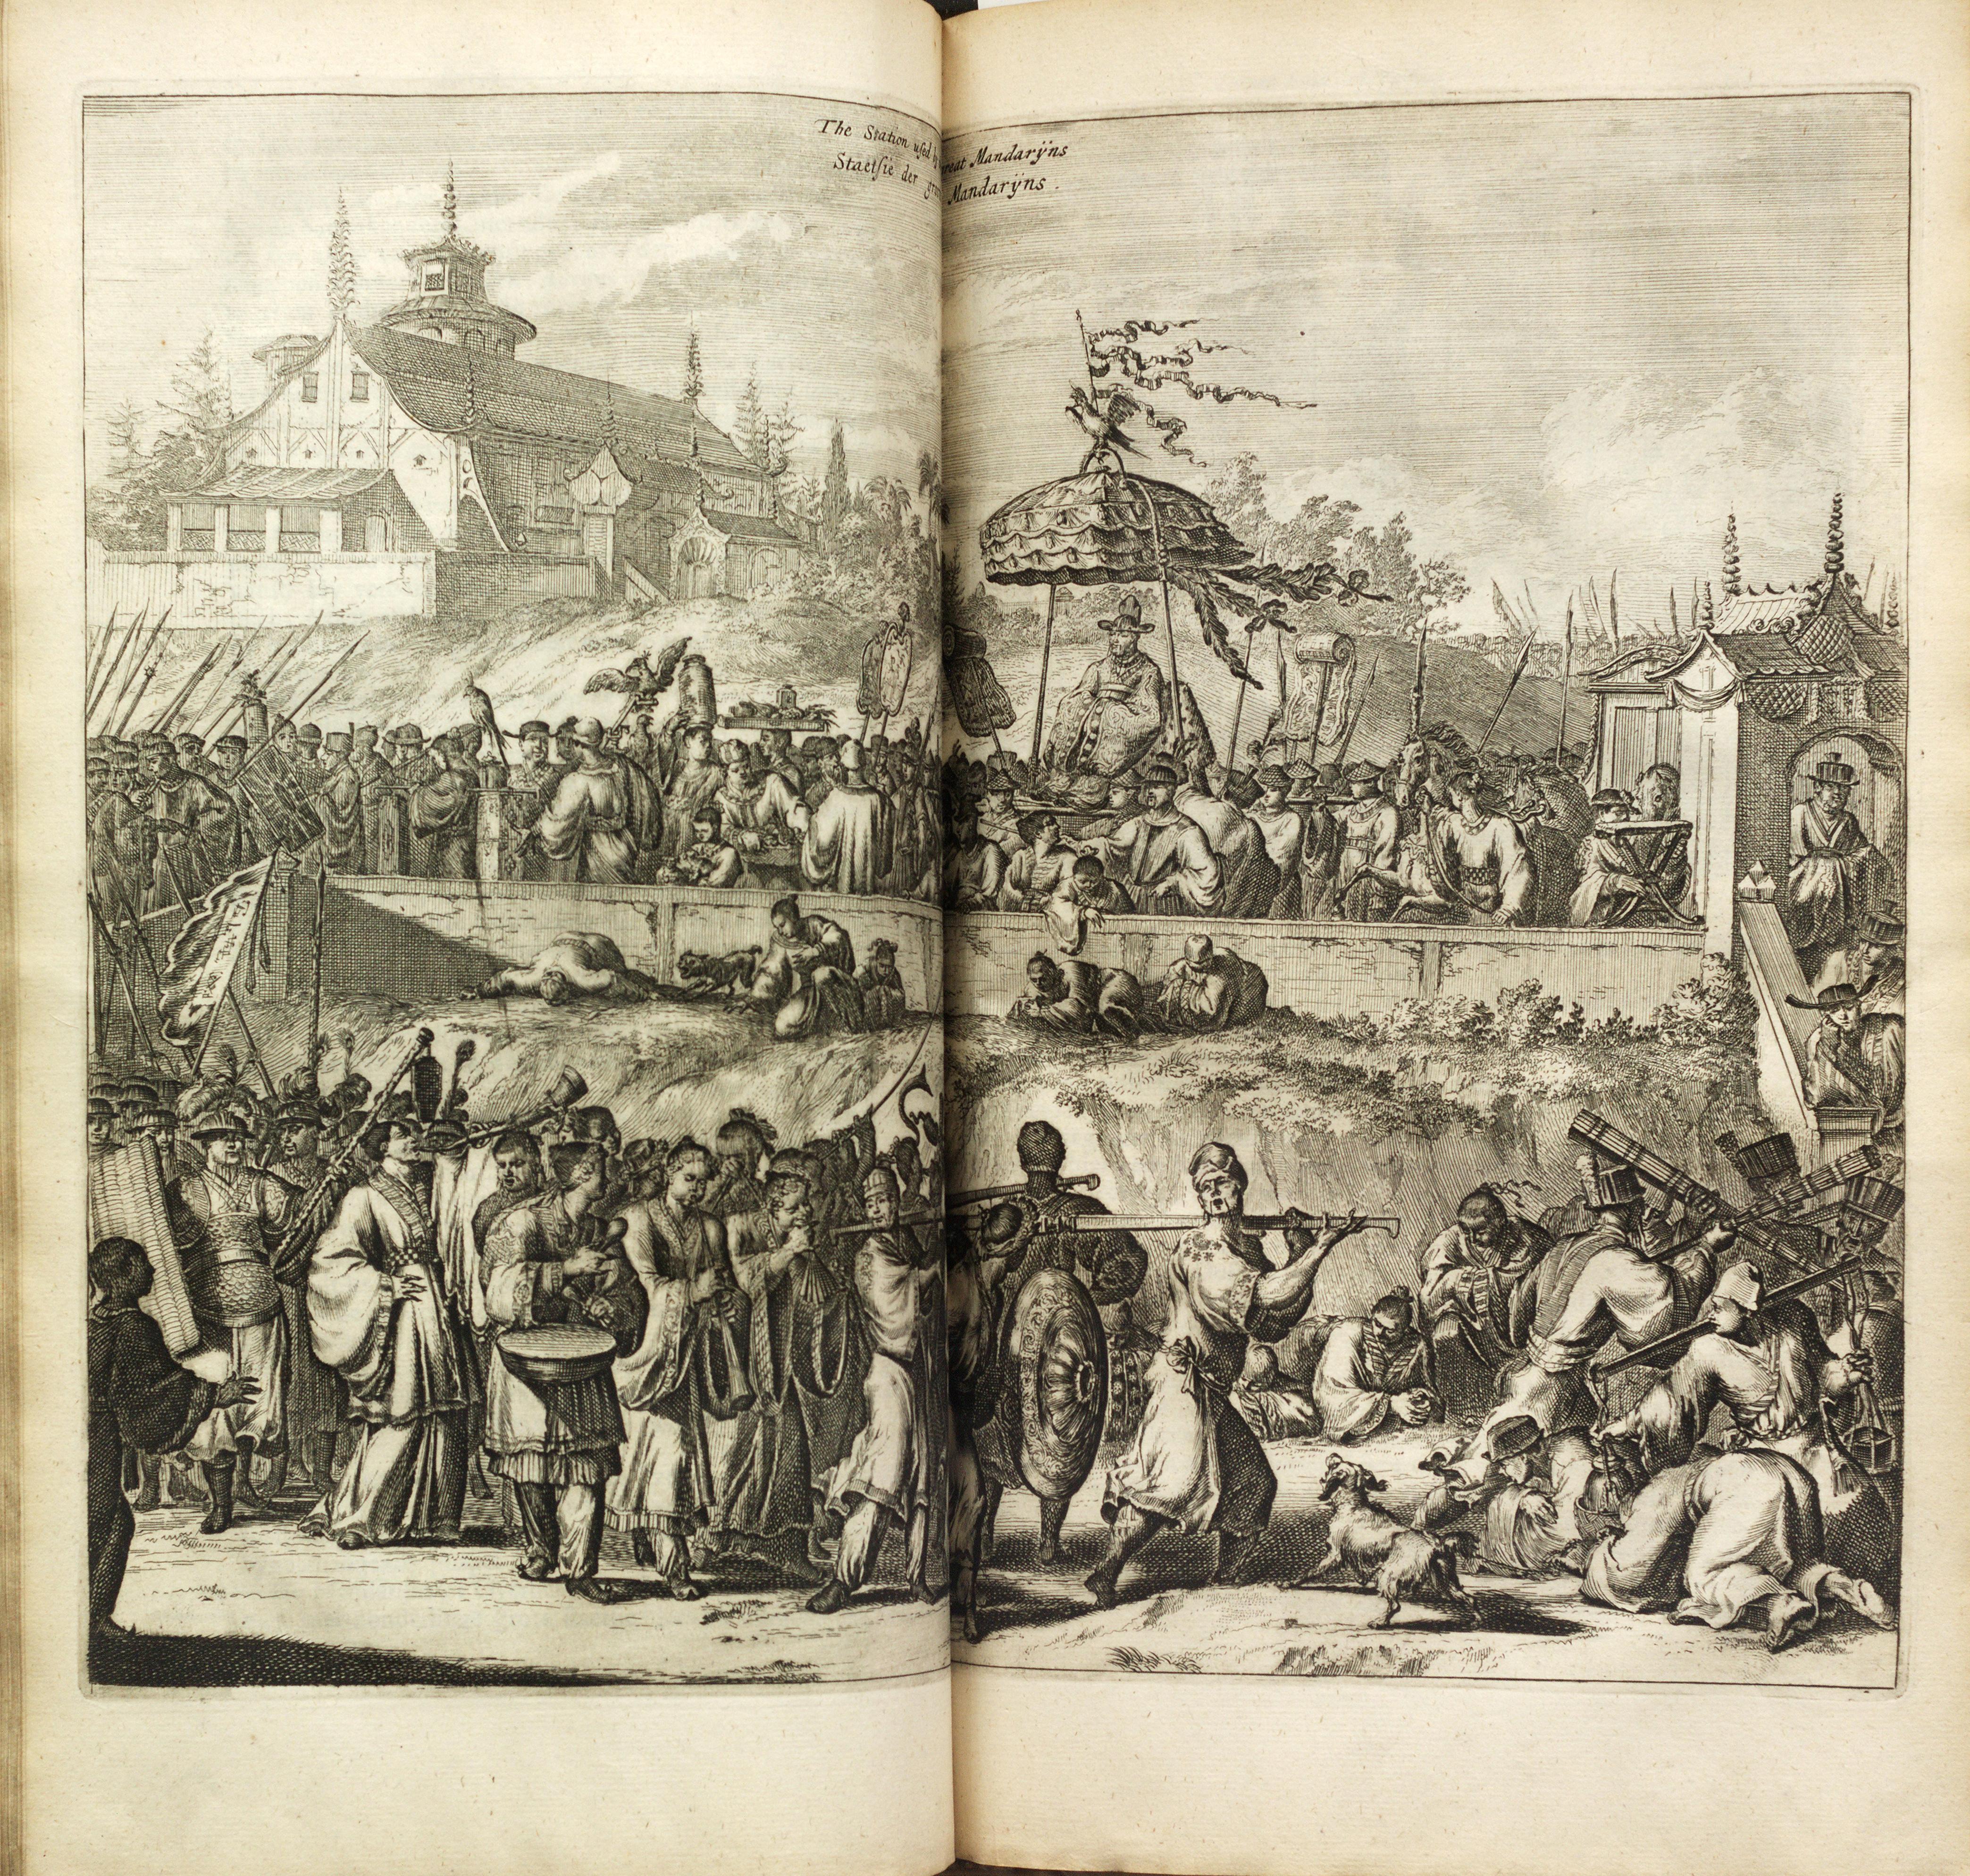 File:UB Maastricht - Dapper 1670 - Mandarijns jpg